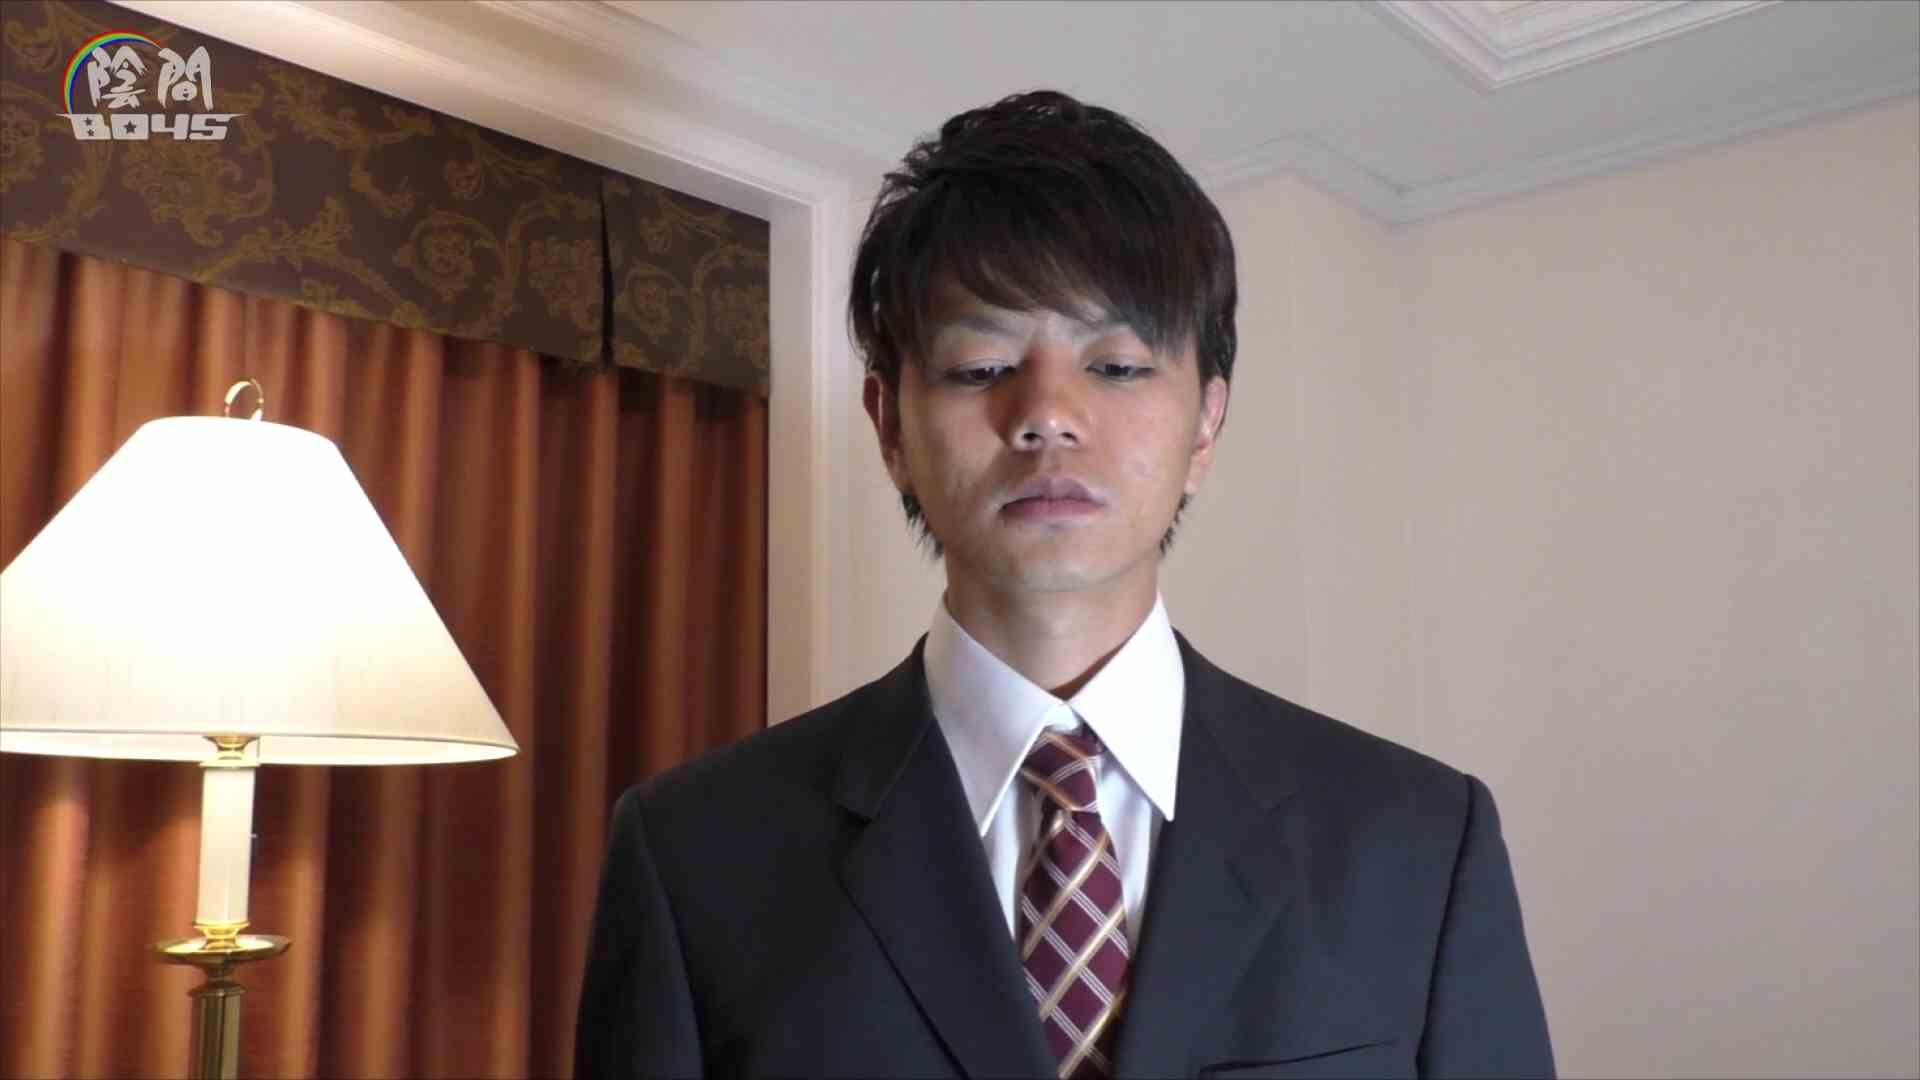 陰間BOYS~キャバクラの仕事はアナルから4 Vol.01 手コキ 男同士画像 108pic 65